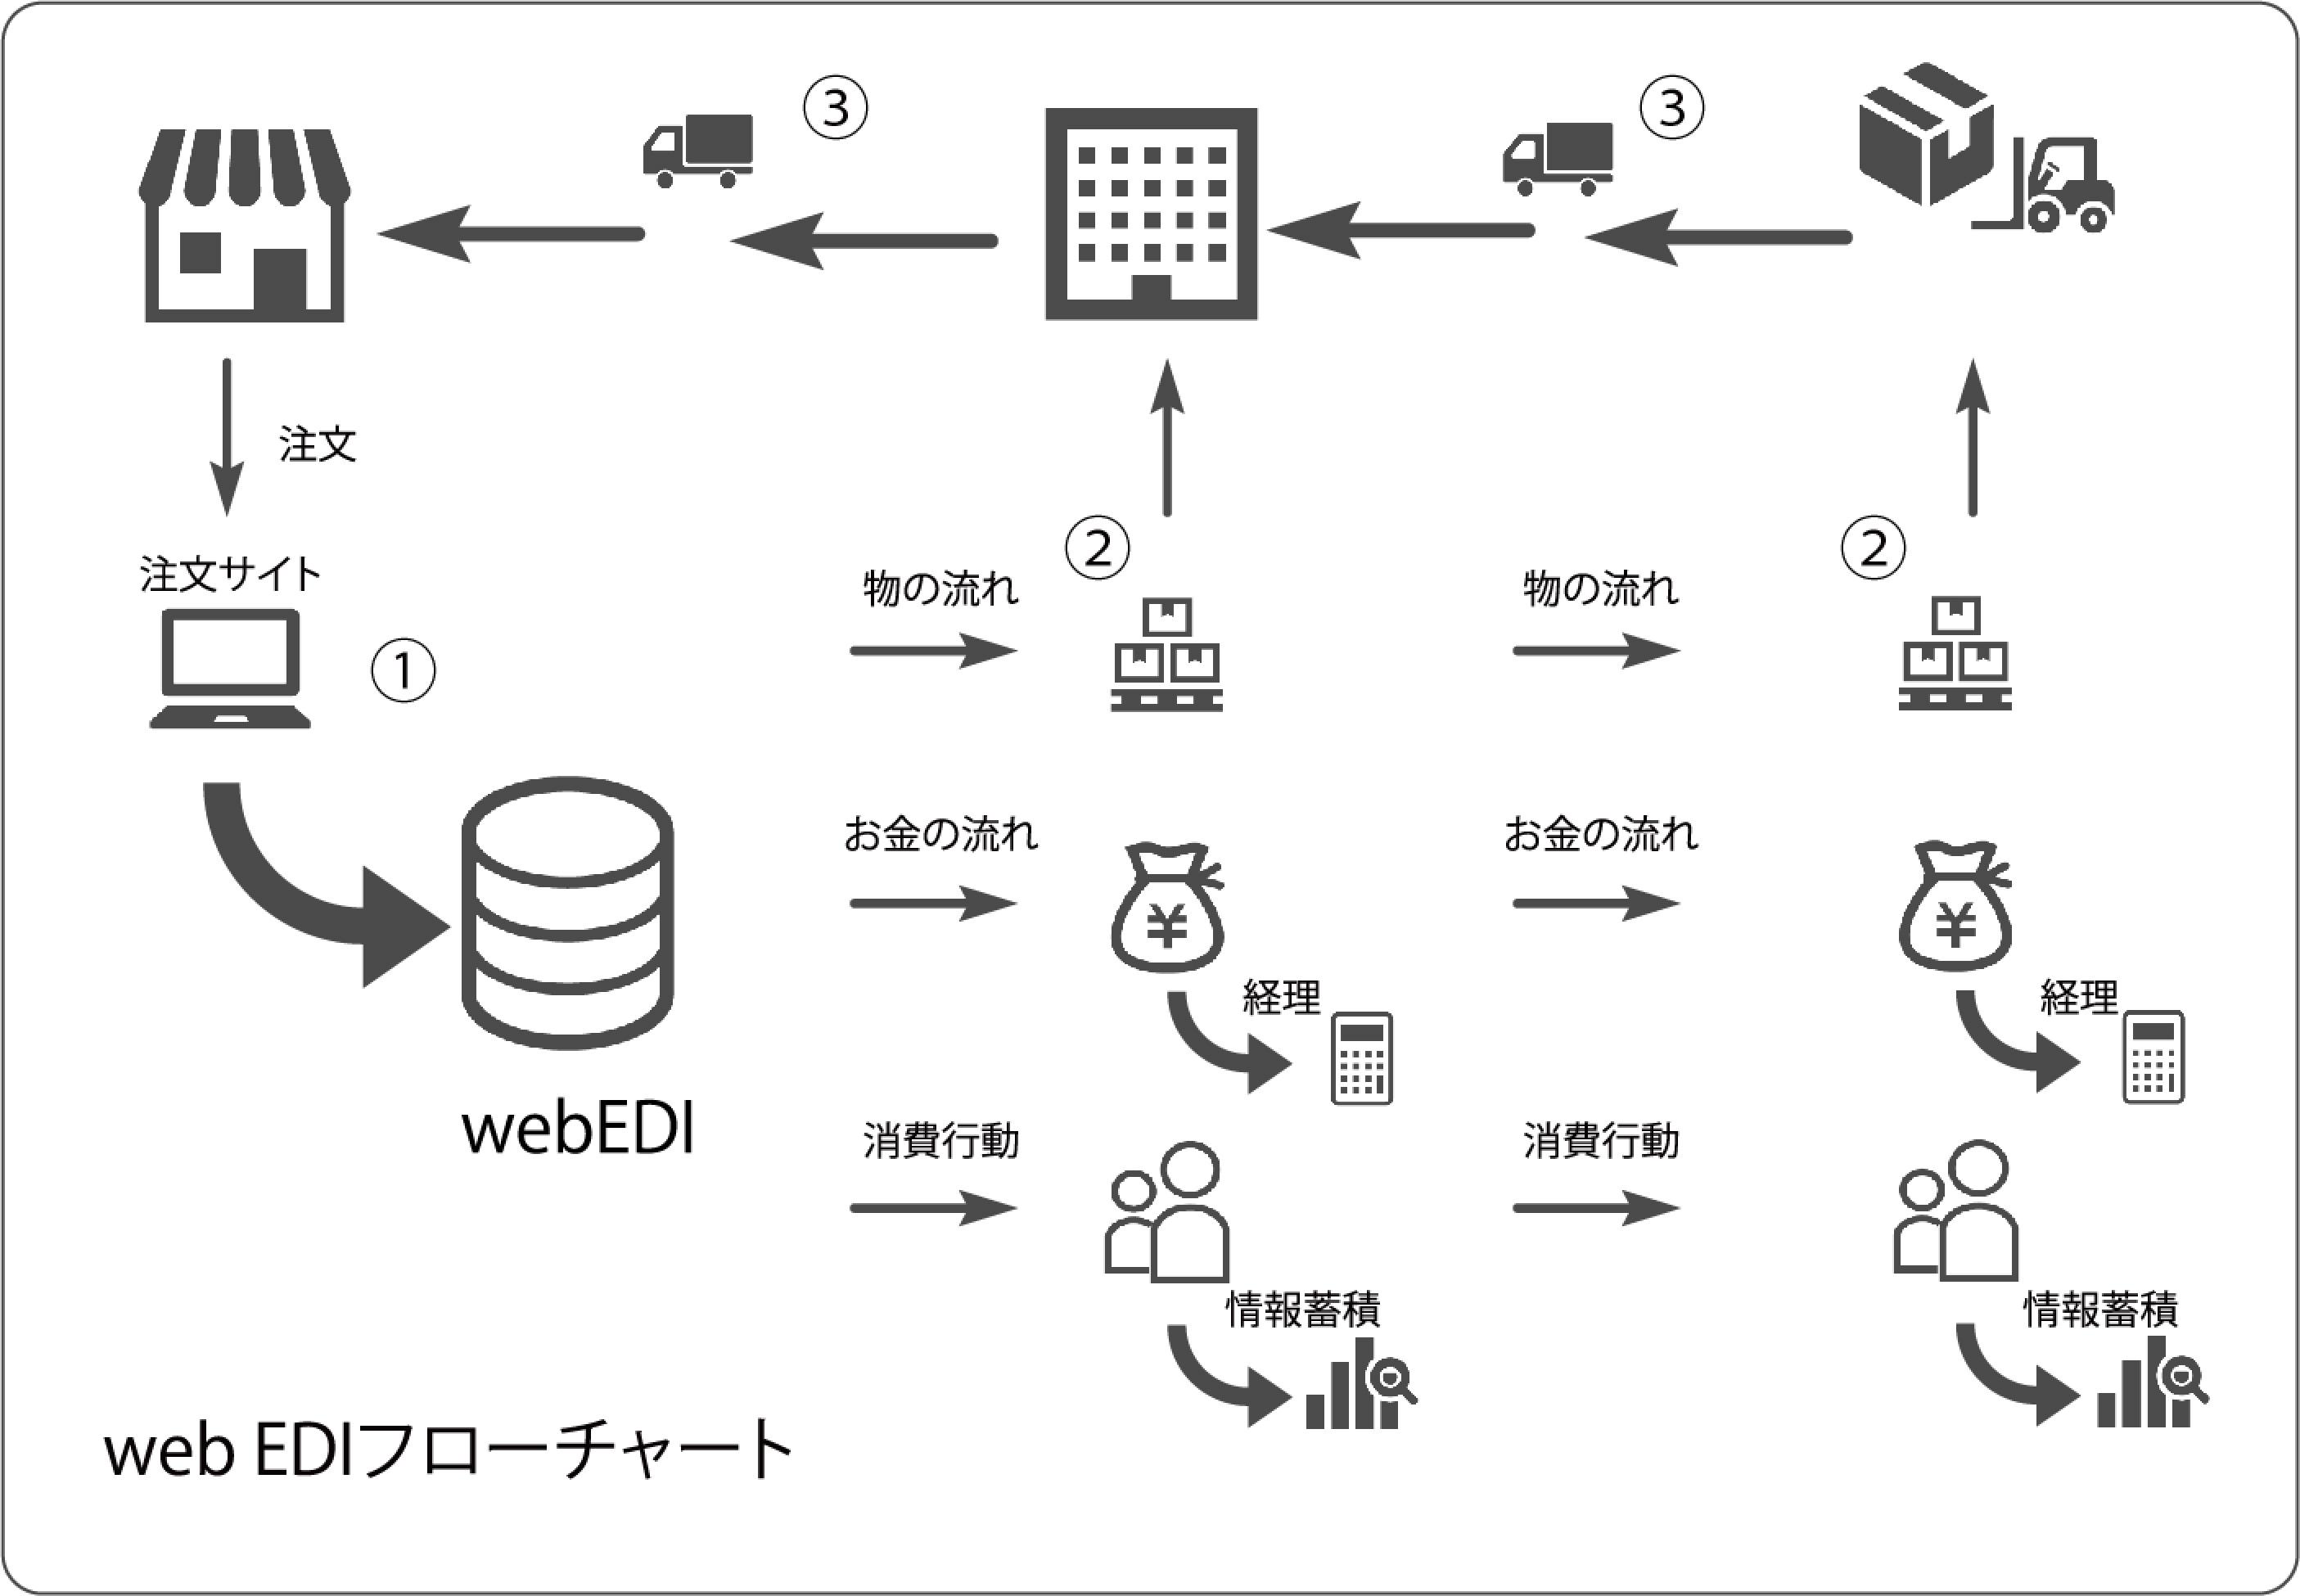 Web EDI フローチャート